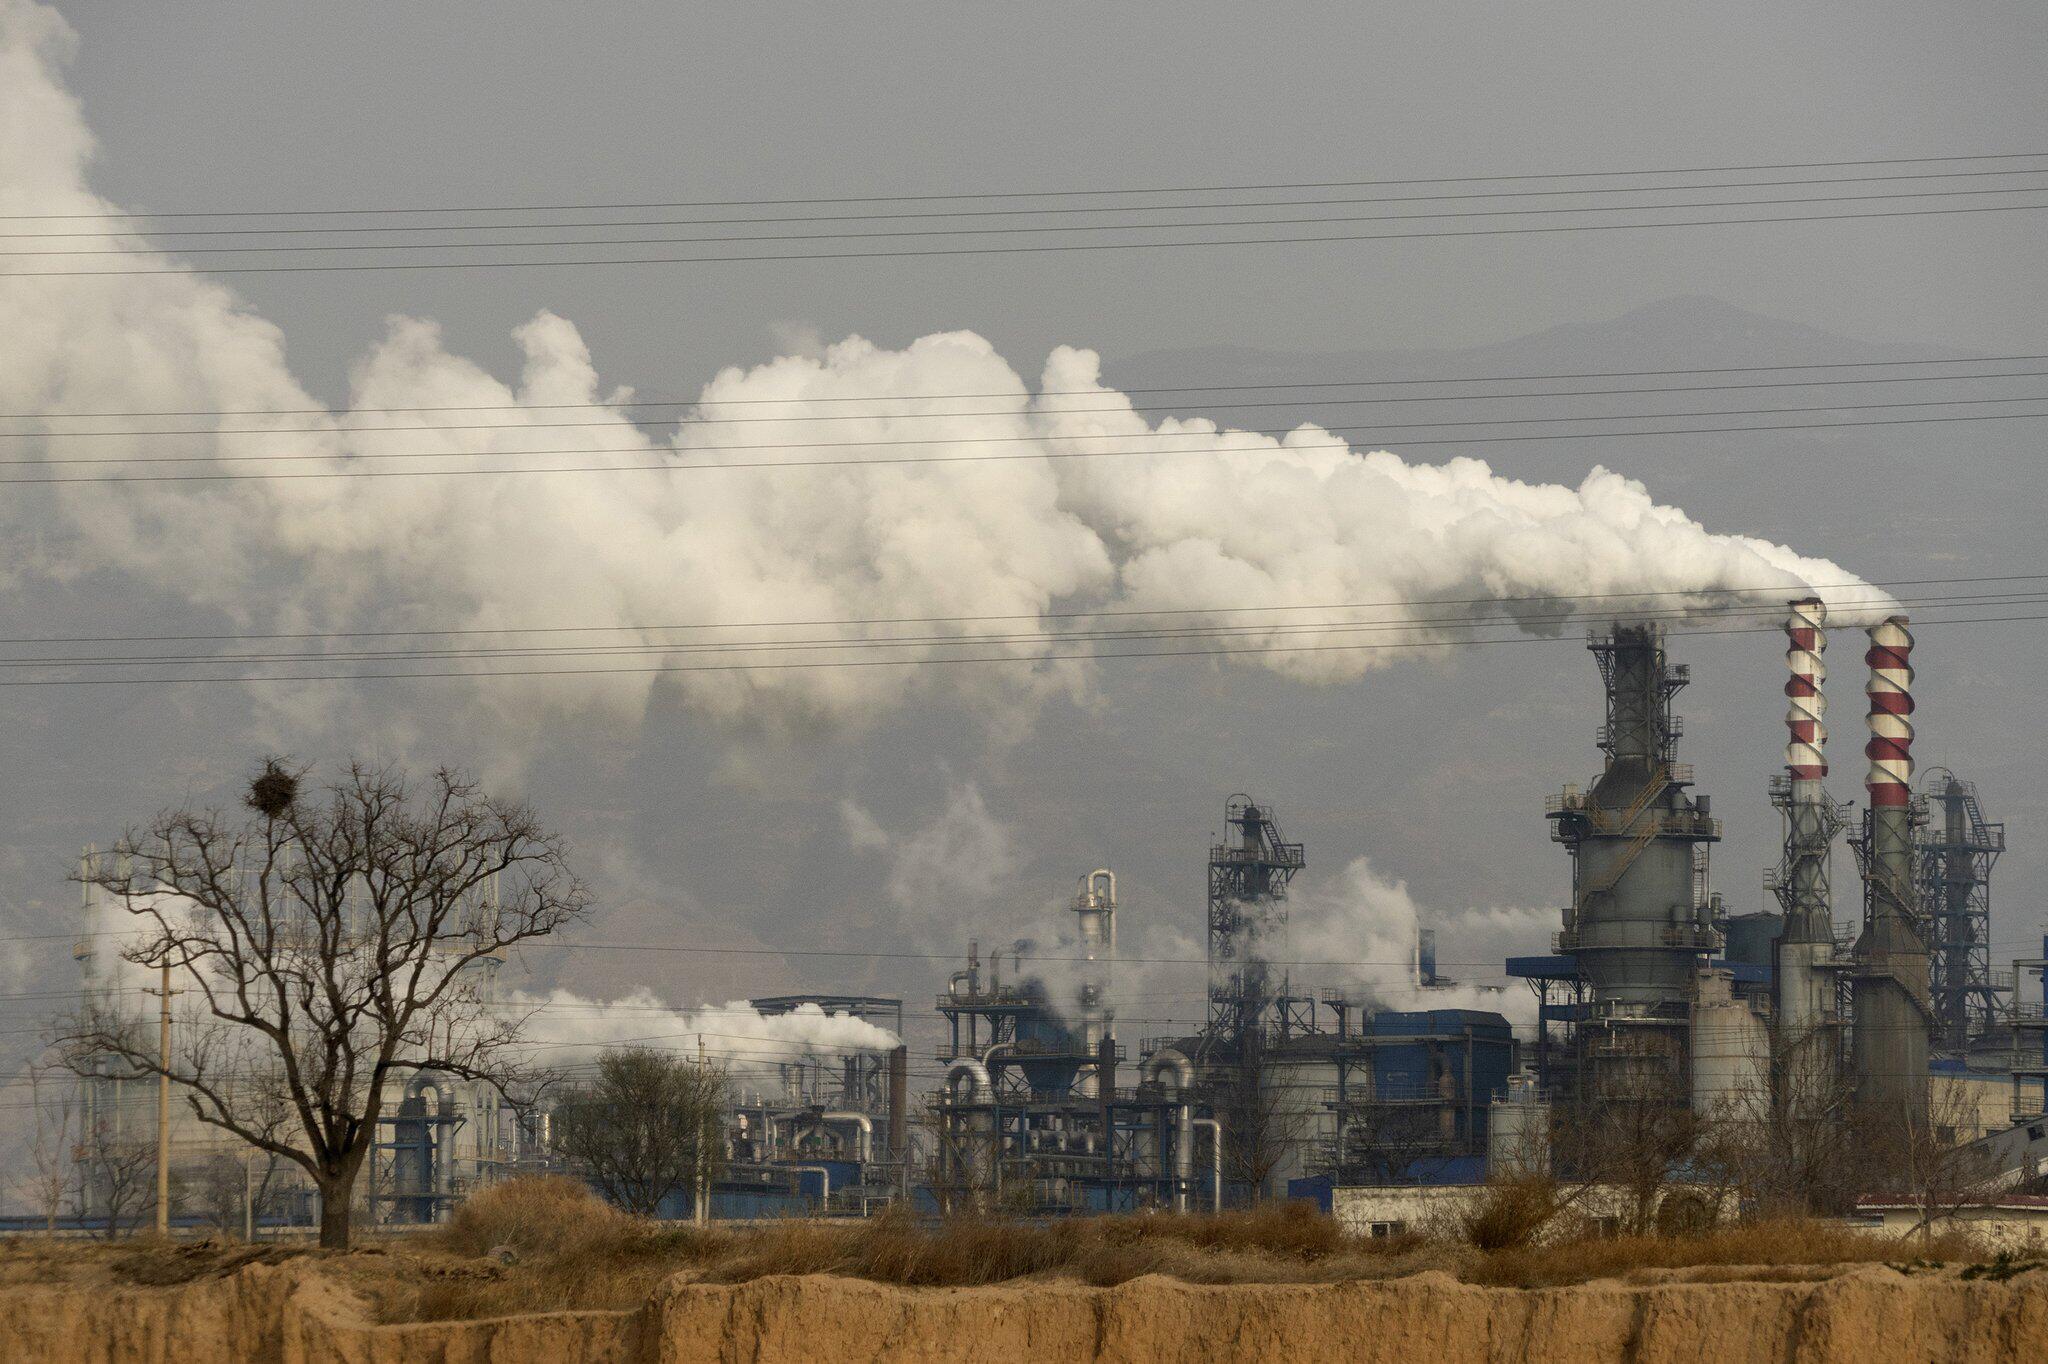 Bild zu Klima - Kohleverarbeitungsanlage in China